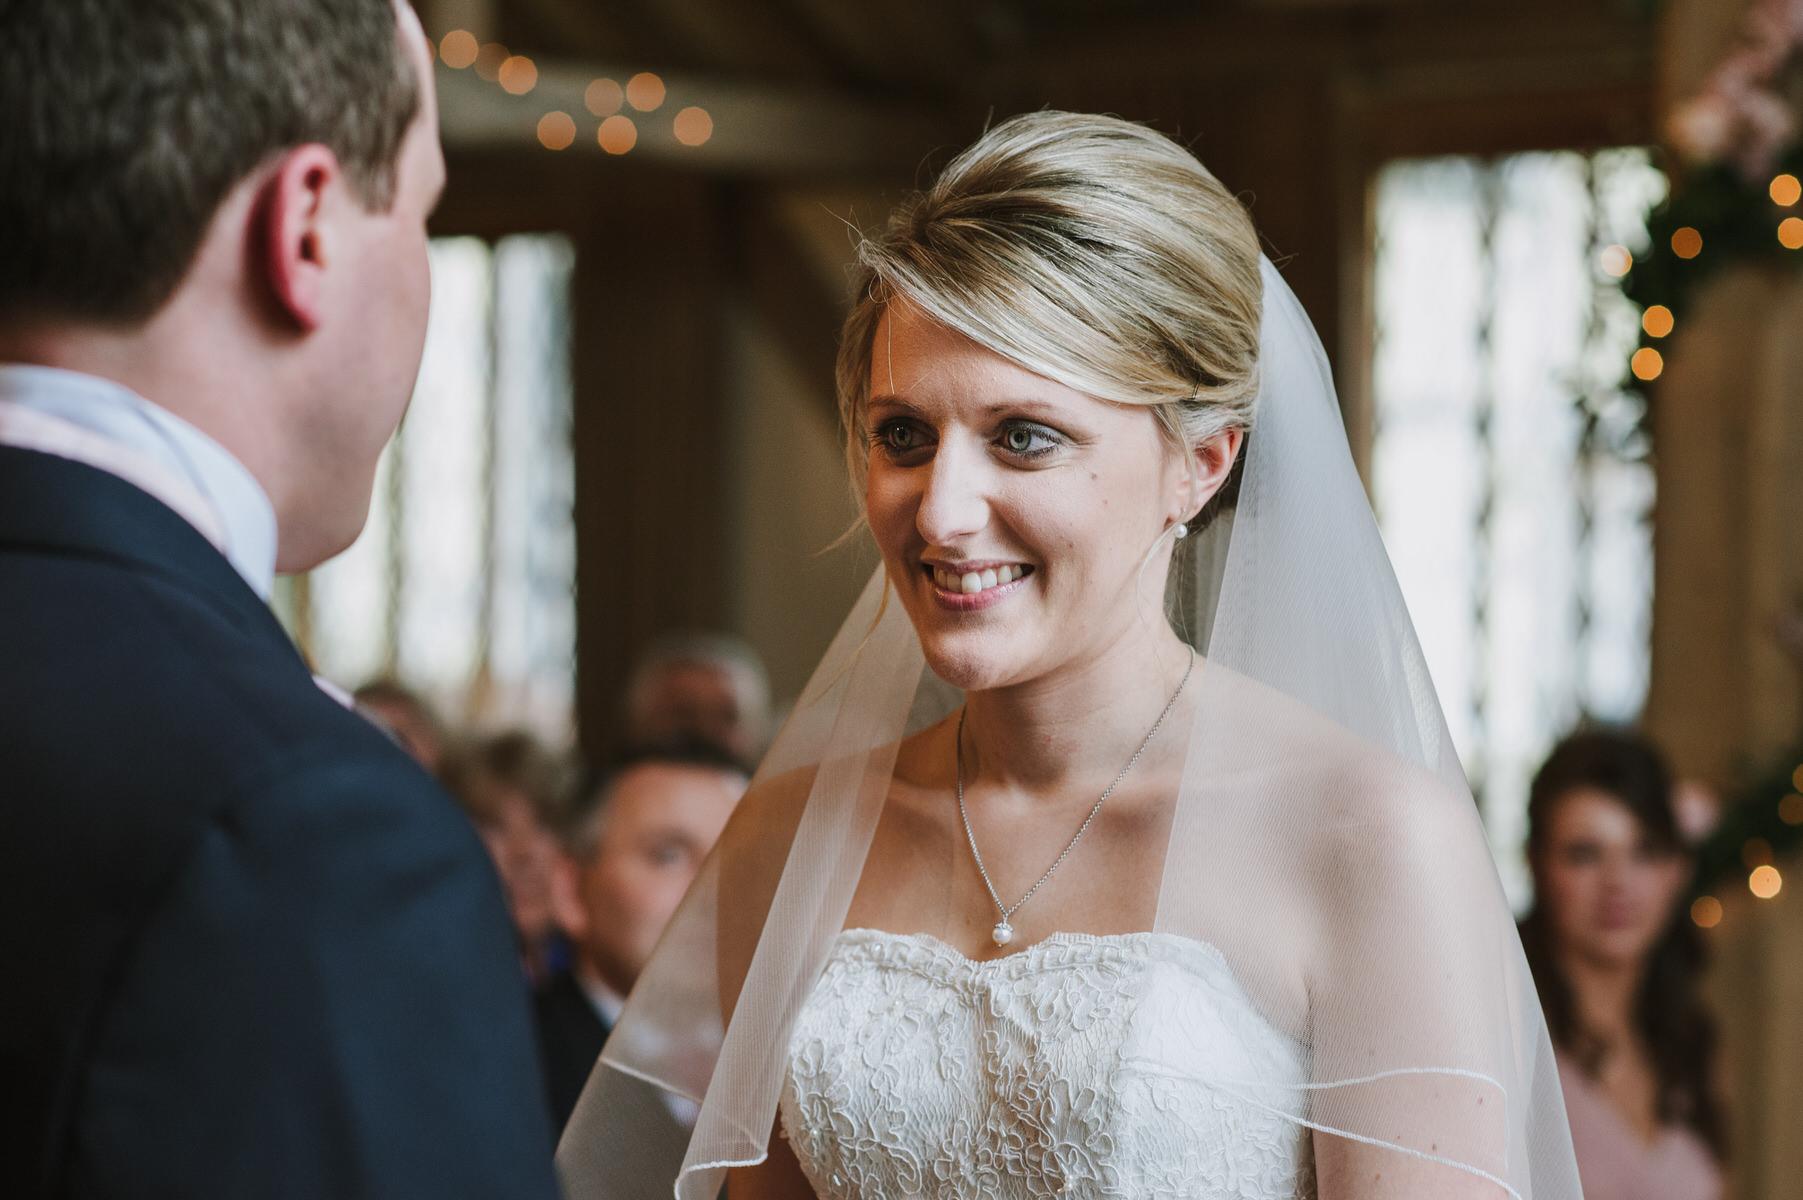 Cain Manor bride